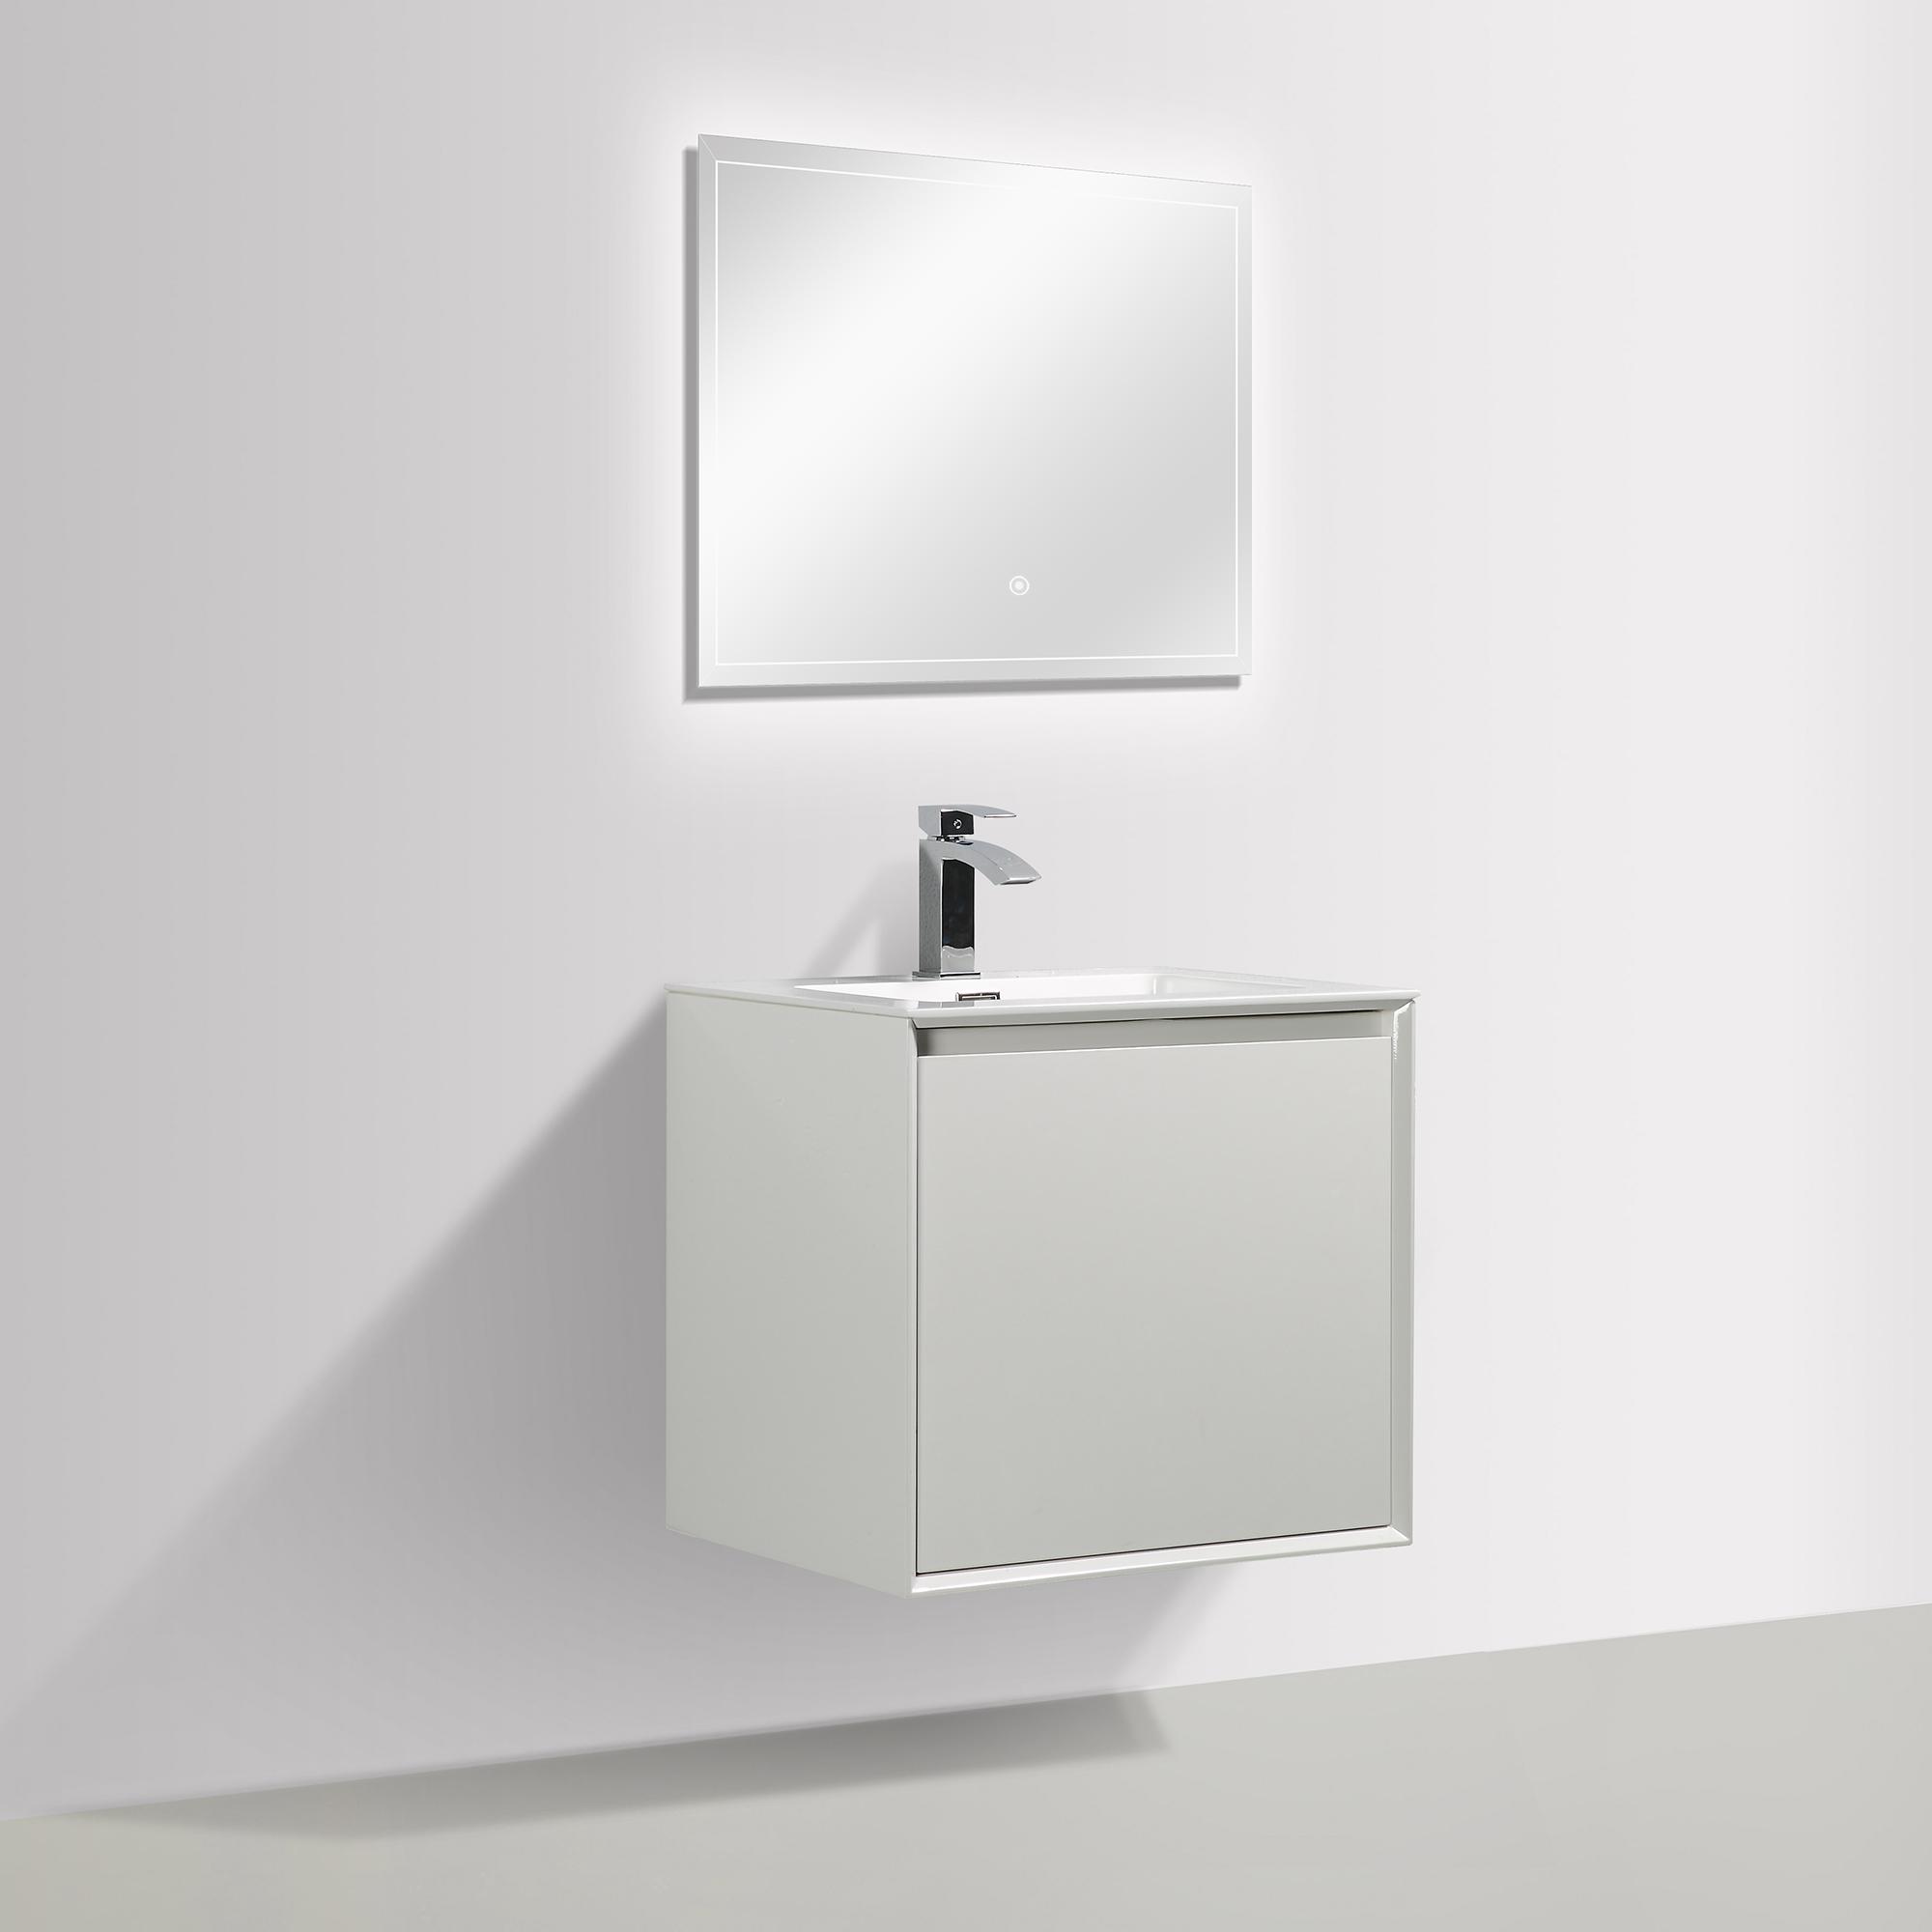 Badmöbel-Set Freya 600 Weiss glänzend mit LED Beleuchtung – Optional mit Spiegel